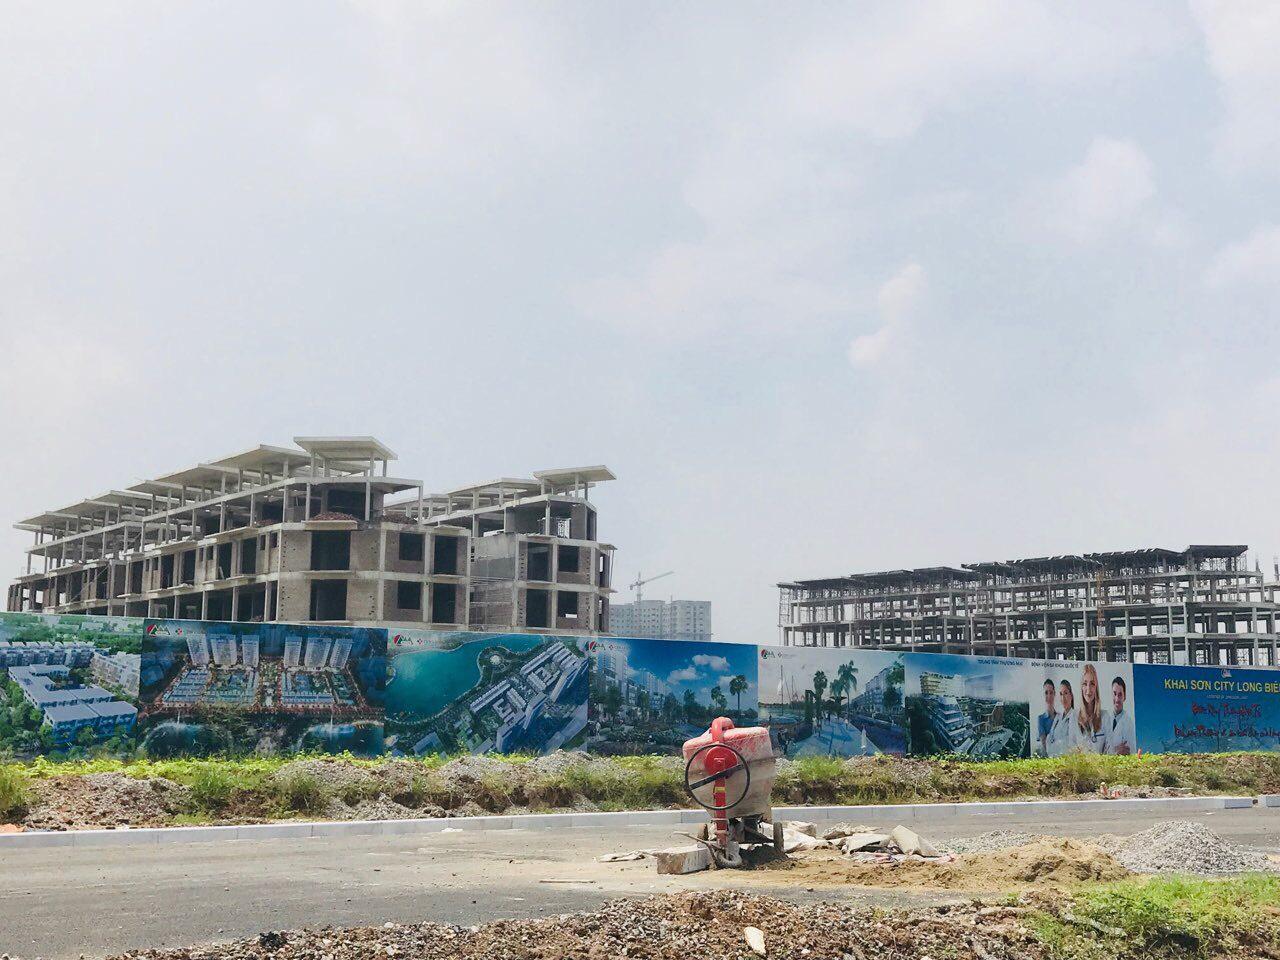 Tiến độ Khai Sơn City Long Biên